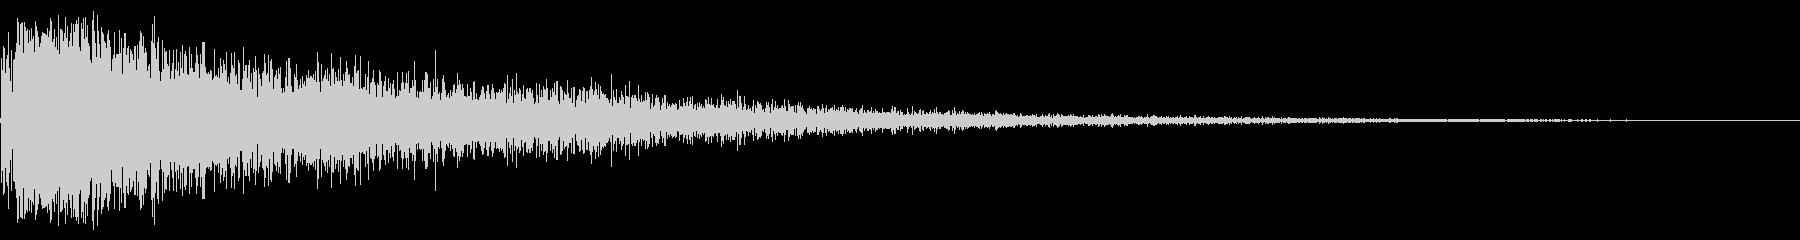 ジェーン(決定_01)の未再生の波形